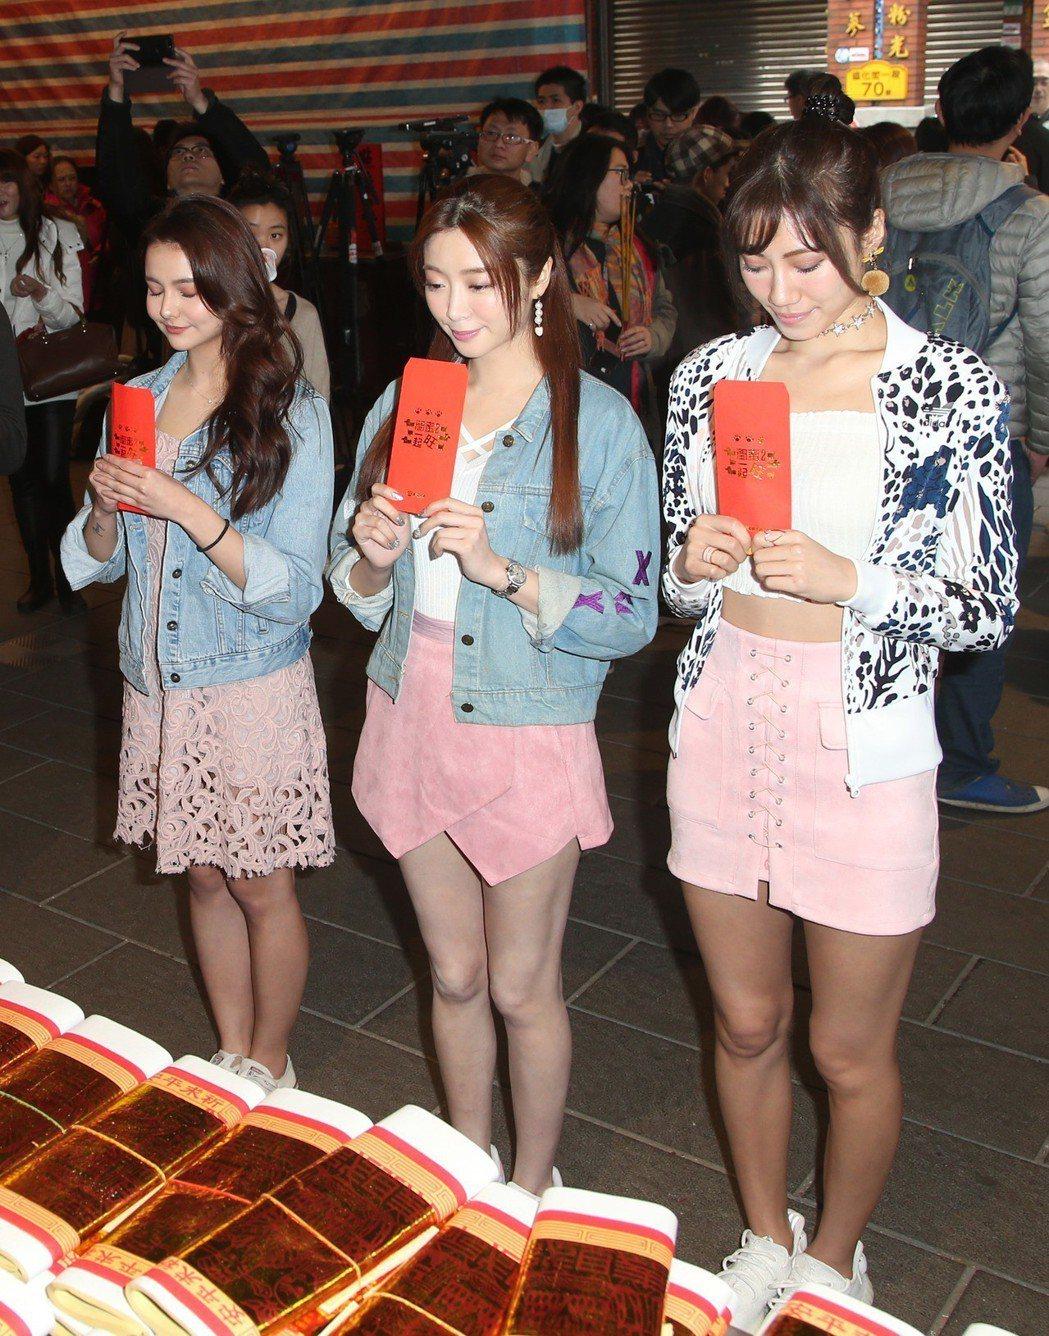 伊林模特兒裴頡(左起)、成語蕎、紀艾希出席電影「閨蜜2」宣傳活動。記者陳瑞源/攝...